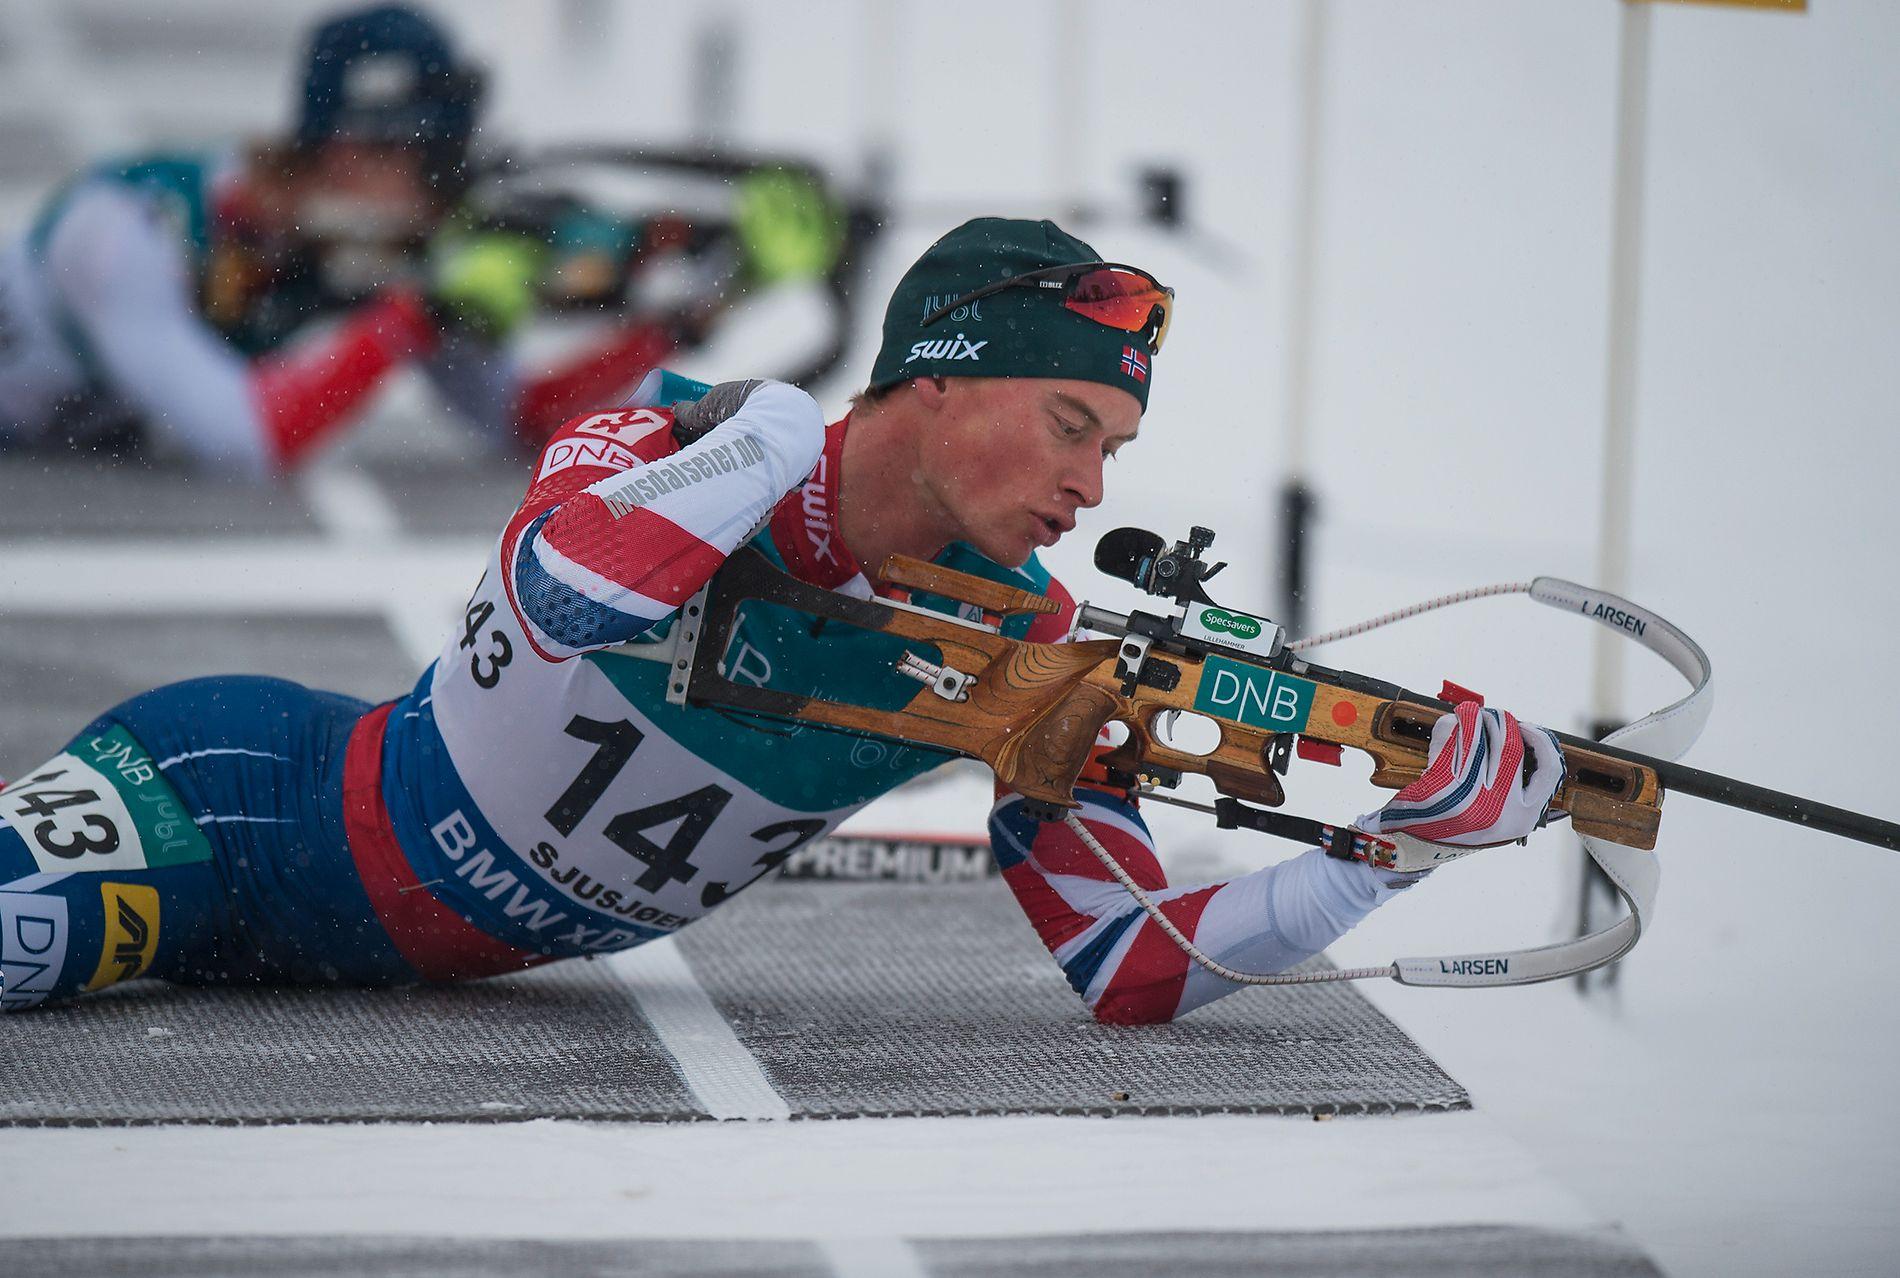 HELBOM: Her legger Henrik L´Abée-Lund seg ned på matta for å skyte liggende på sprinten på Sjusjøen. Den serien med null treff glemmer han nok aldri.